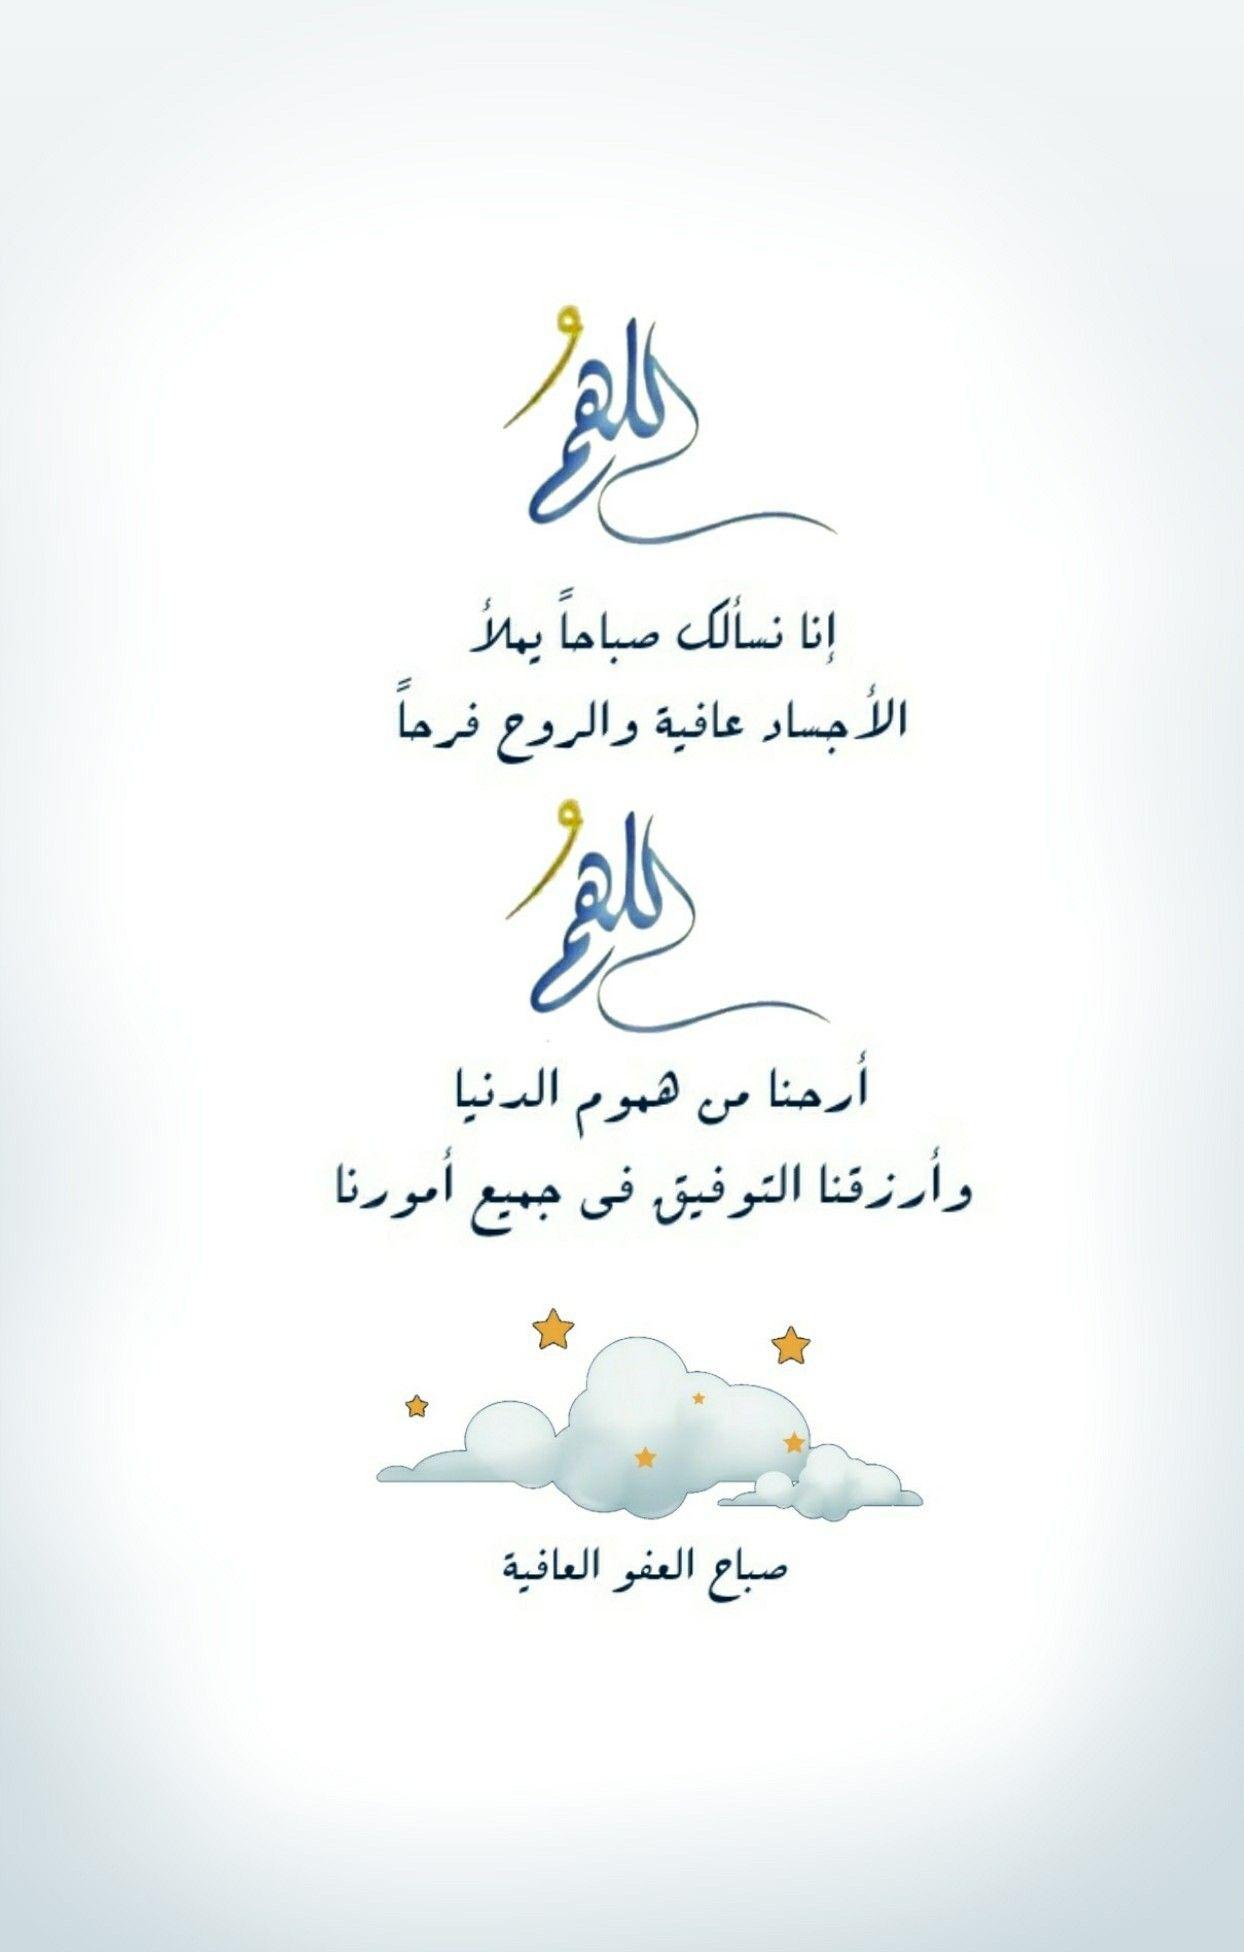 الل ه م إنا نسألك صباحا يملأ الأجساد عافية والروح فرحا الل ه م أرحنا من هم Good Morning Arabic Good Morning Greetings Good Morning Messages